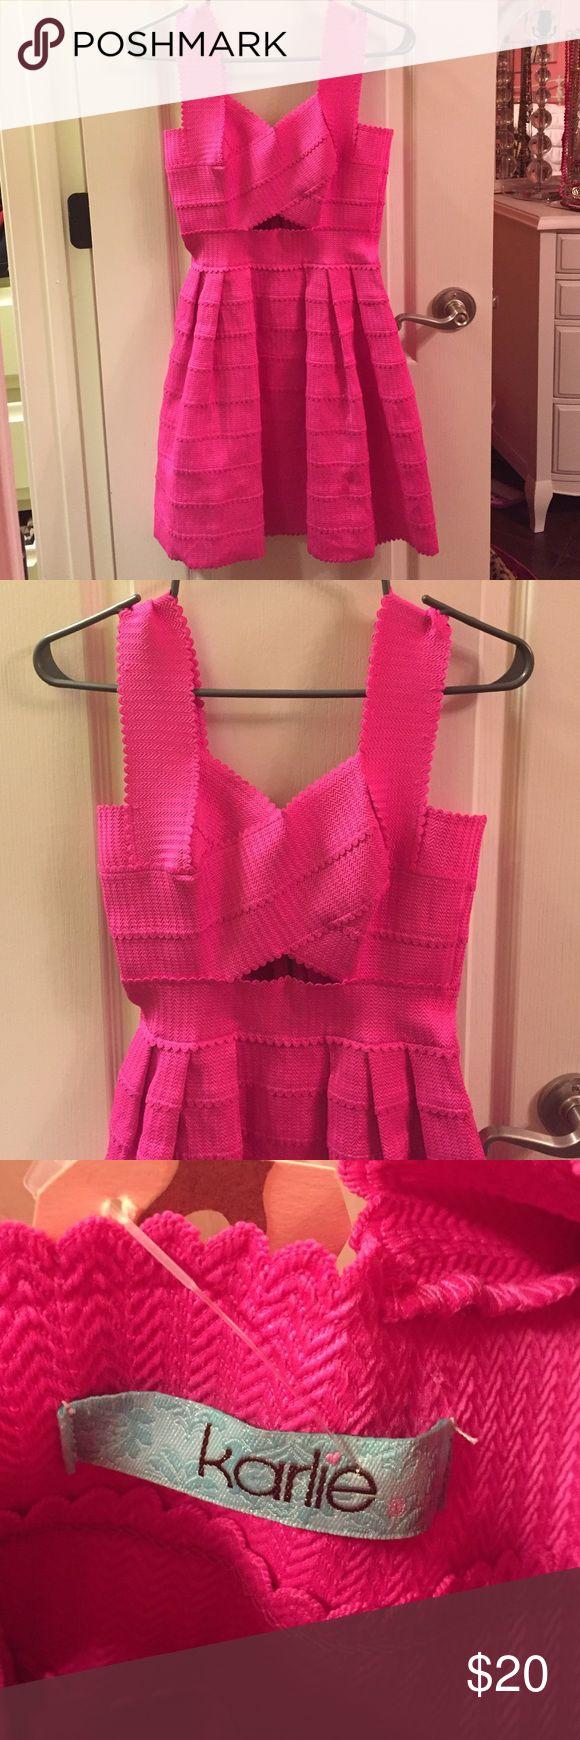 Karlie Pink Bandage Dress Great stretch and looks adorable on! Karlie Dresses